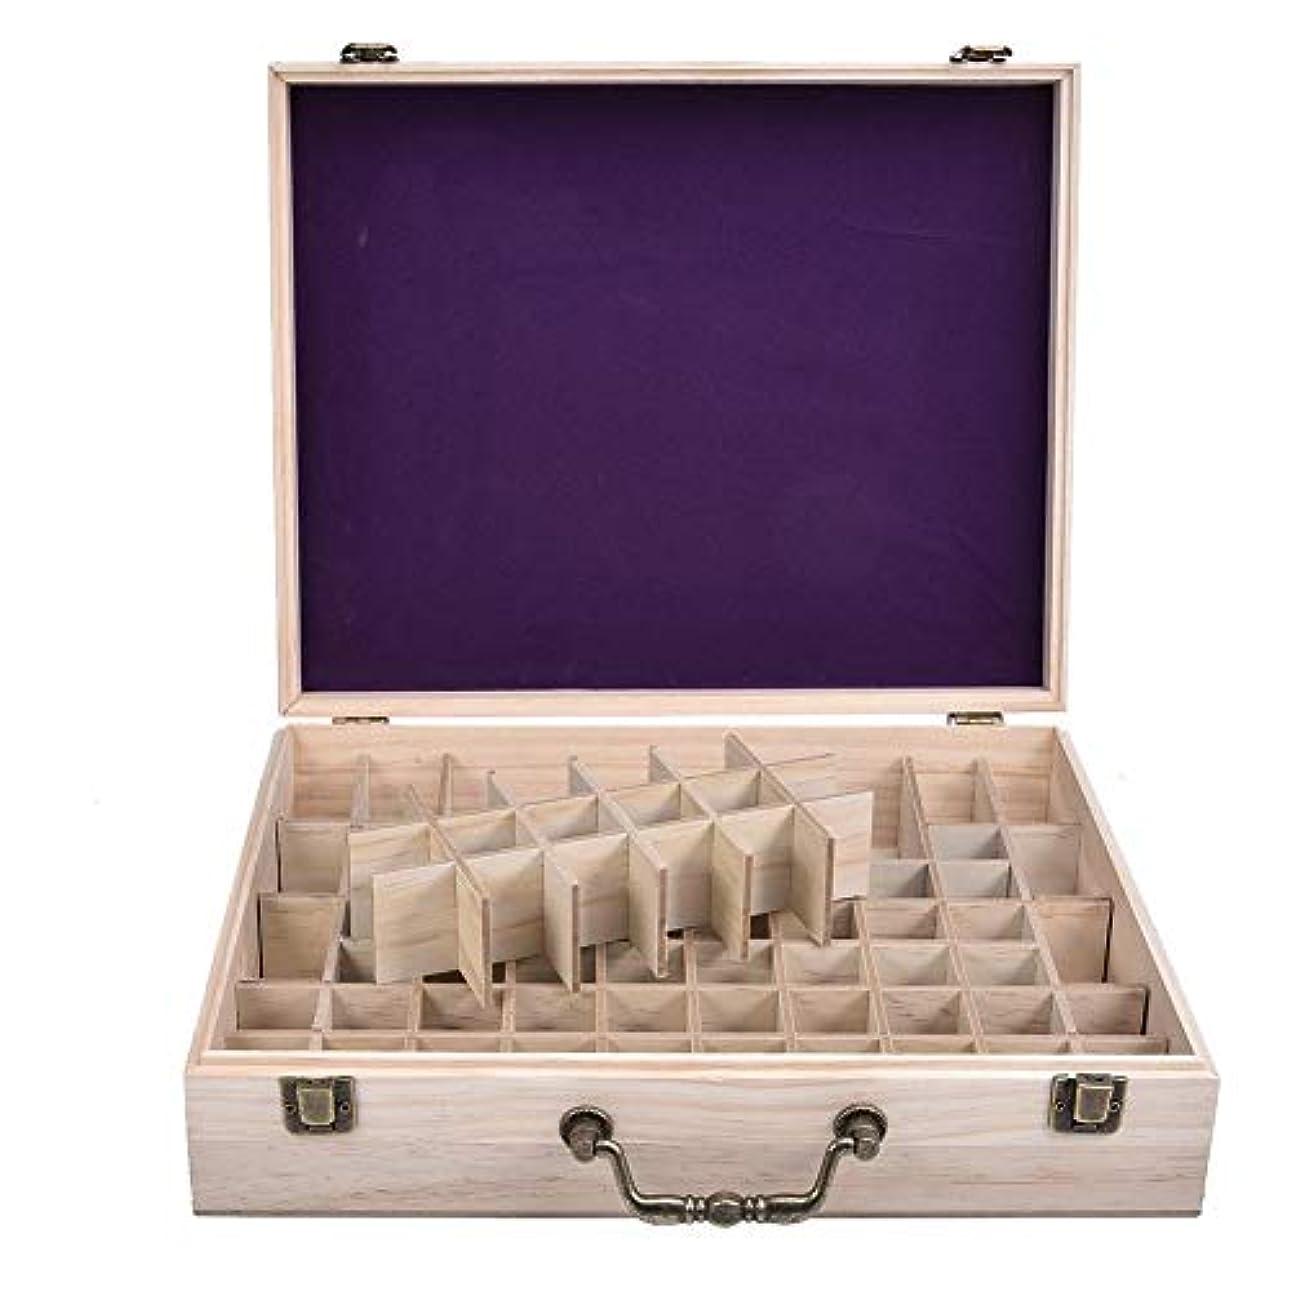 ヨーグルト病的誰でもエッセンシャルオイル収納ケース 精油収納ボックス 木製 72本収納可能 大容量 取り外し可能なグリッド 5ml?10ml?15ml?115mlの精油ボルトに対応 junexi